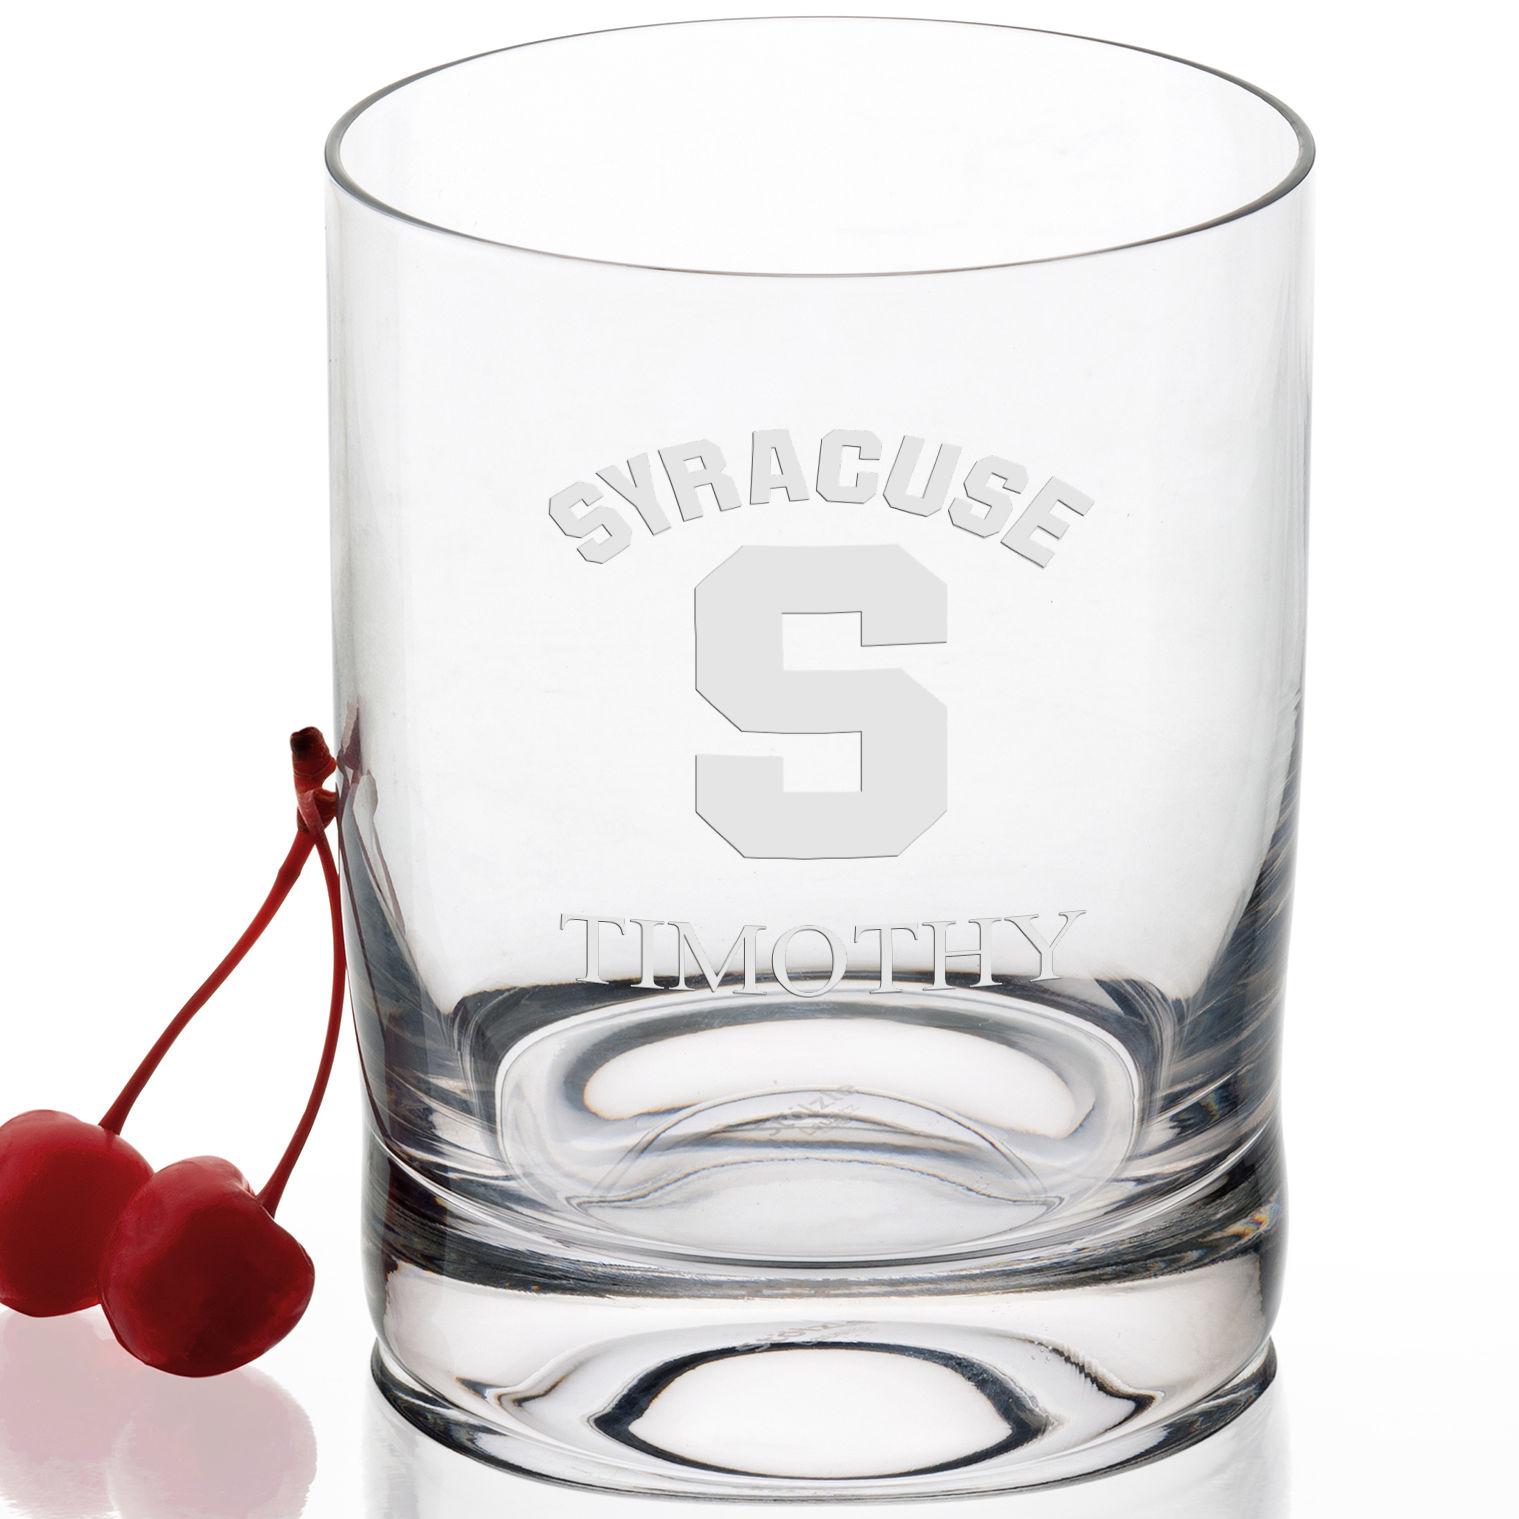 Syracuse University Tumbler Glasses - Set of 2 - Image 2